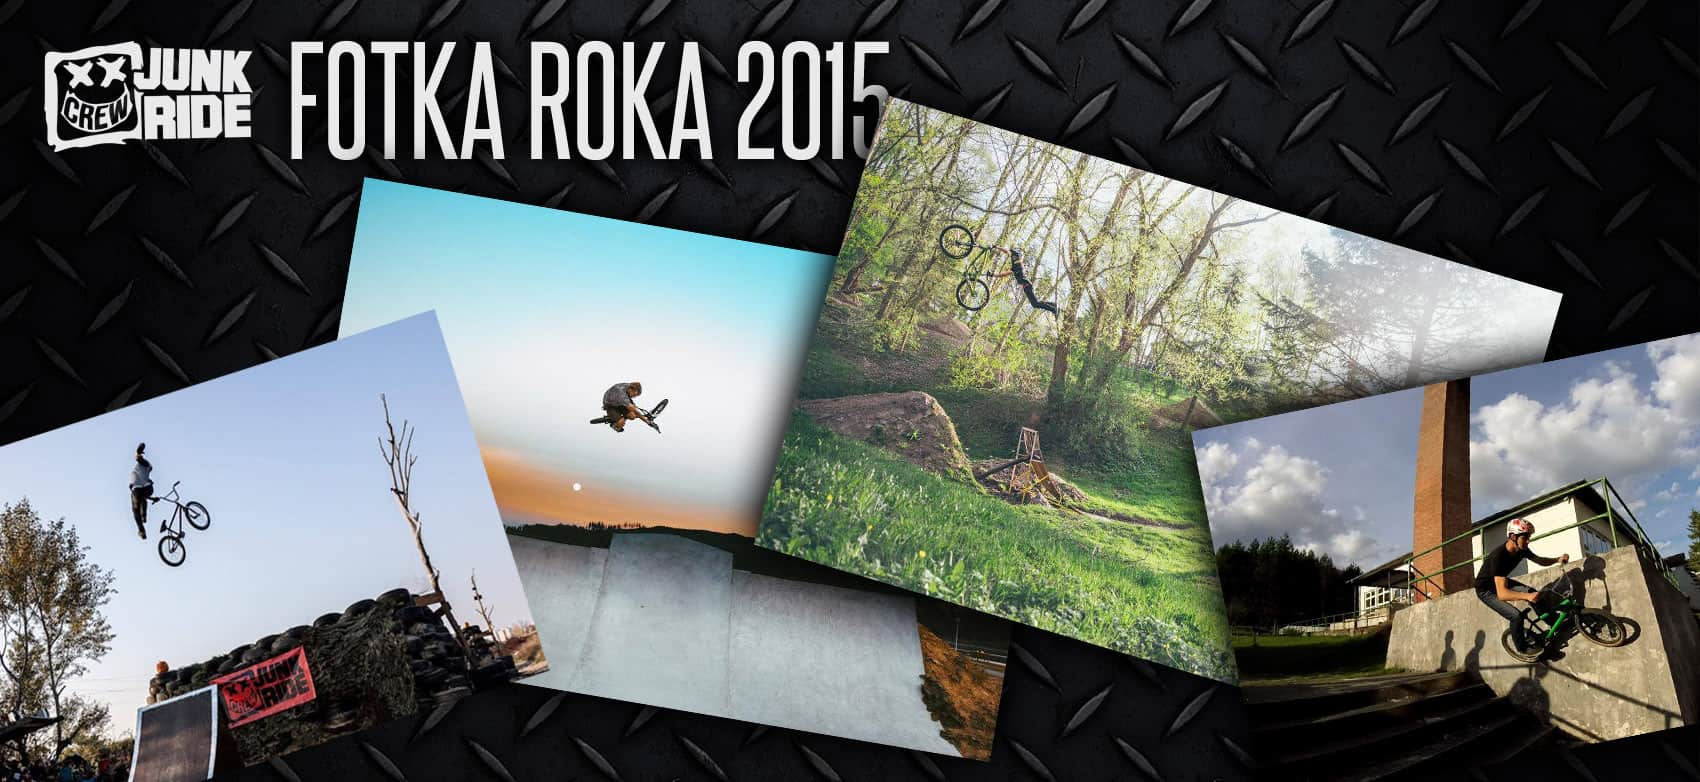 FOTKA ROKA 20fff15